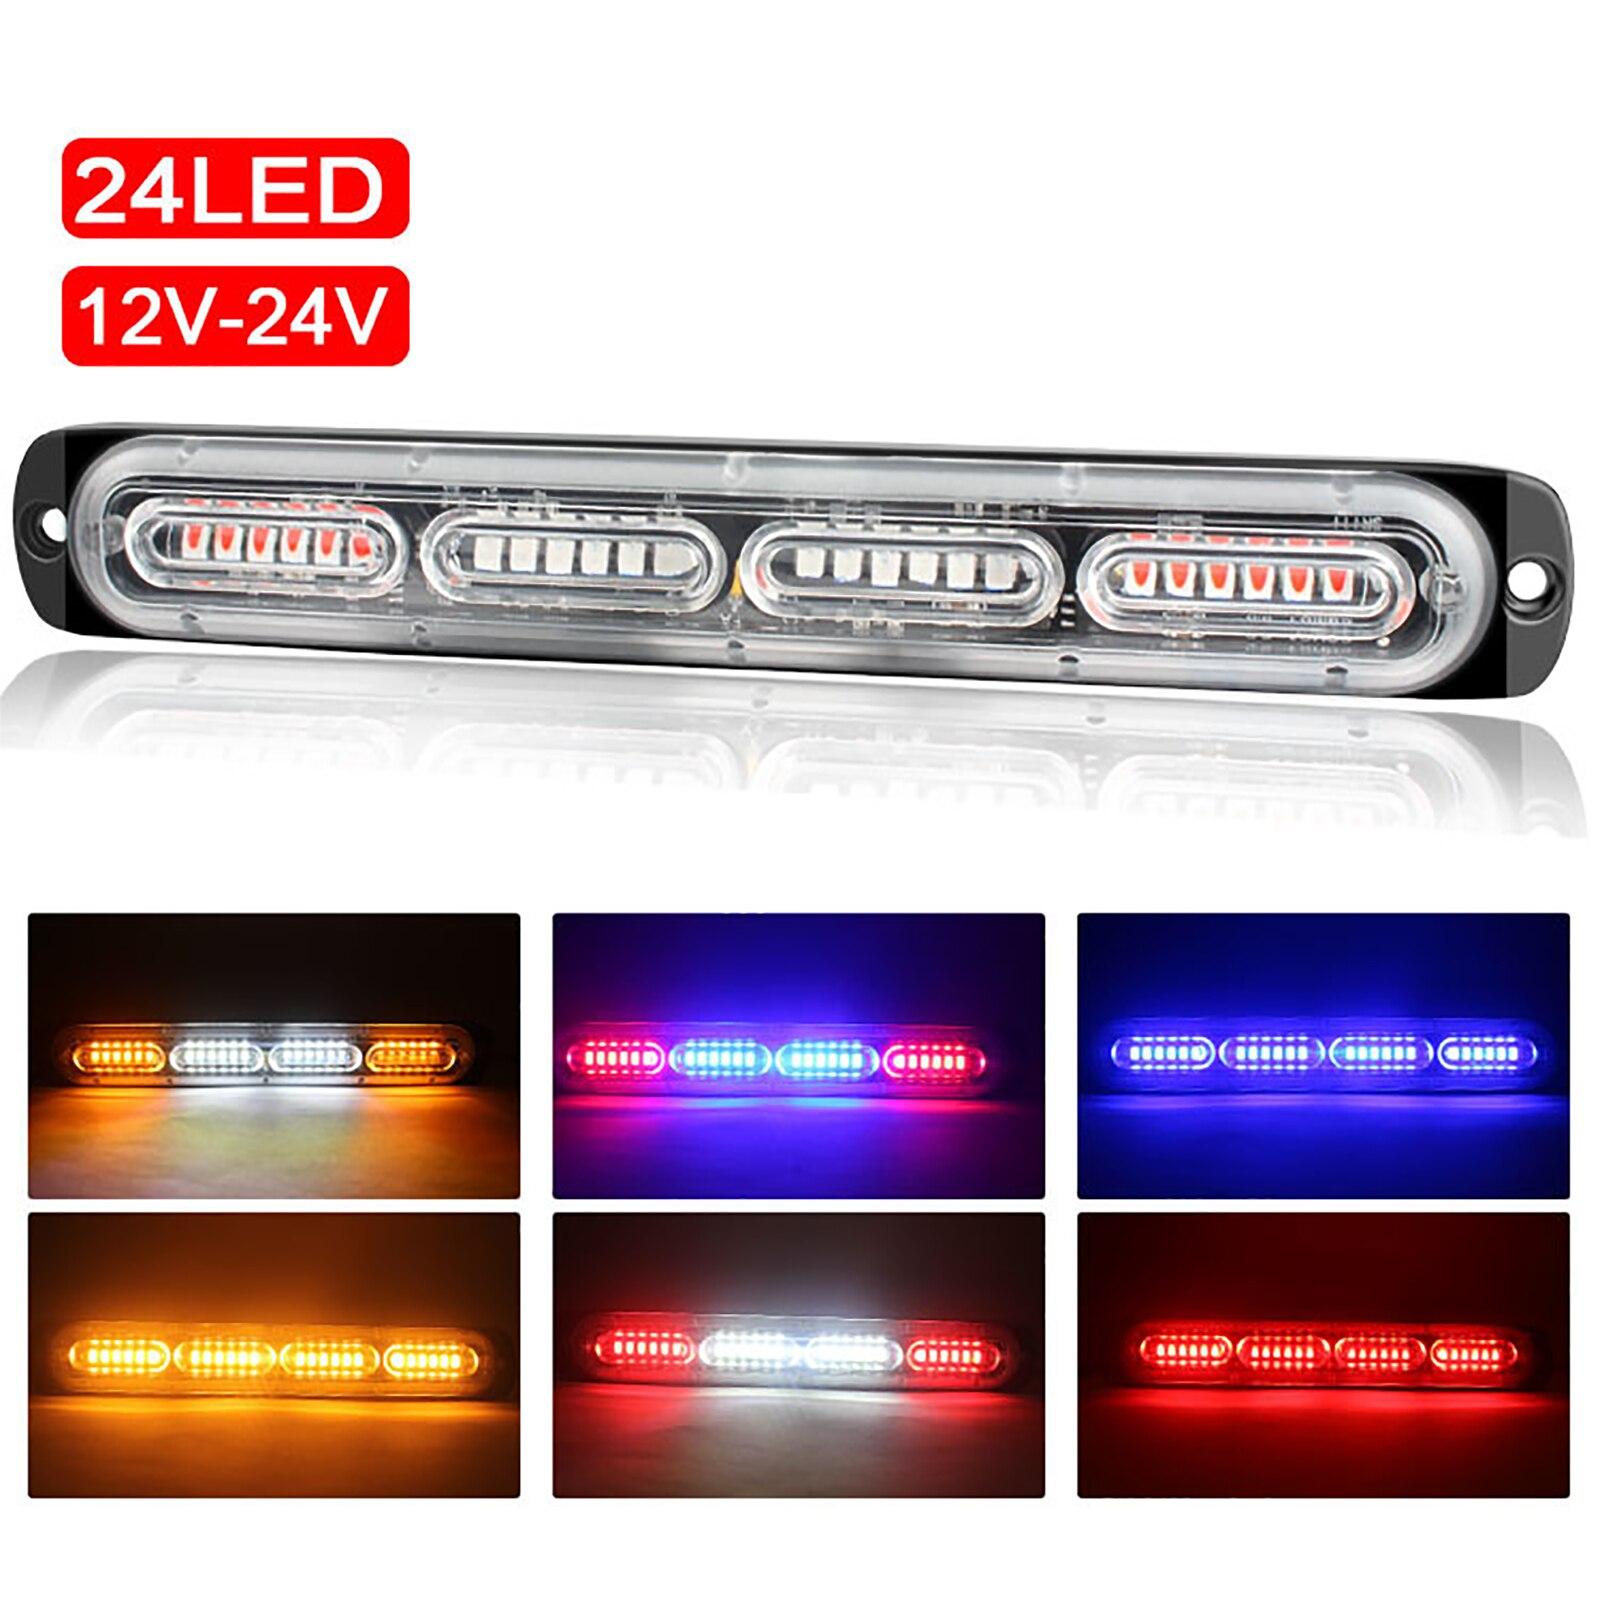 Купить 12v 24v 24 светодиодный мерцающий светильник полицейская машина